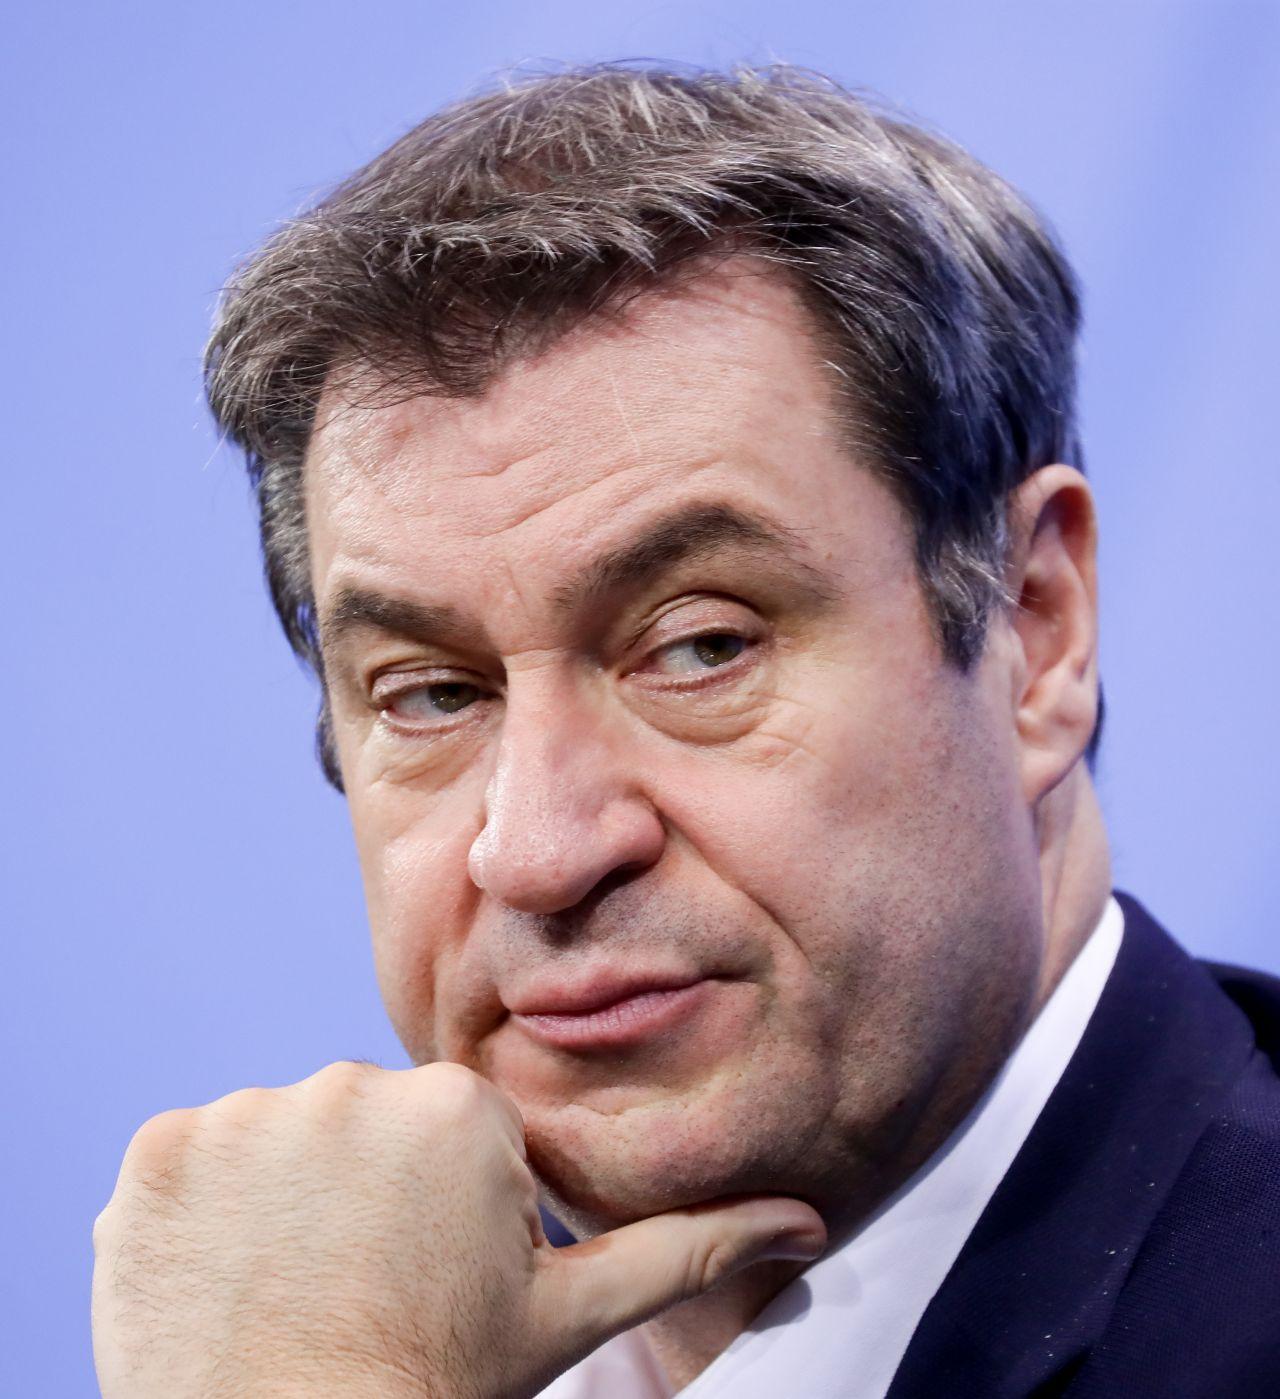 Markus Söder bei einer Pressekonferenz 2021